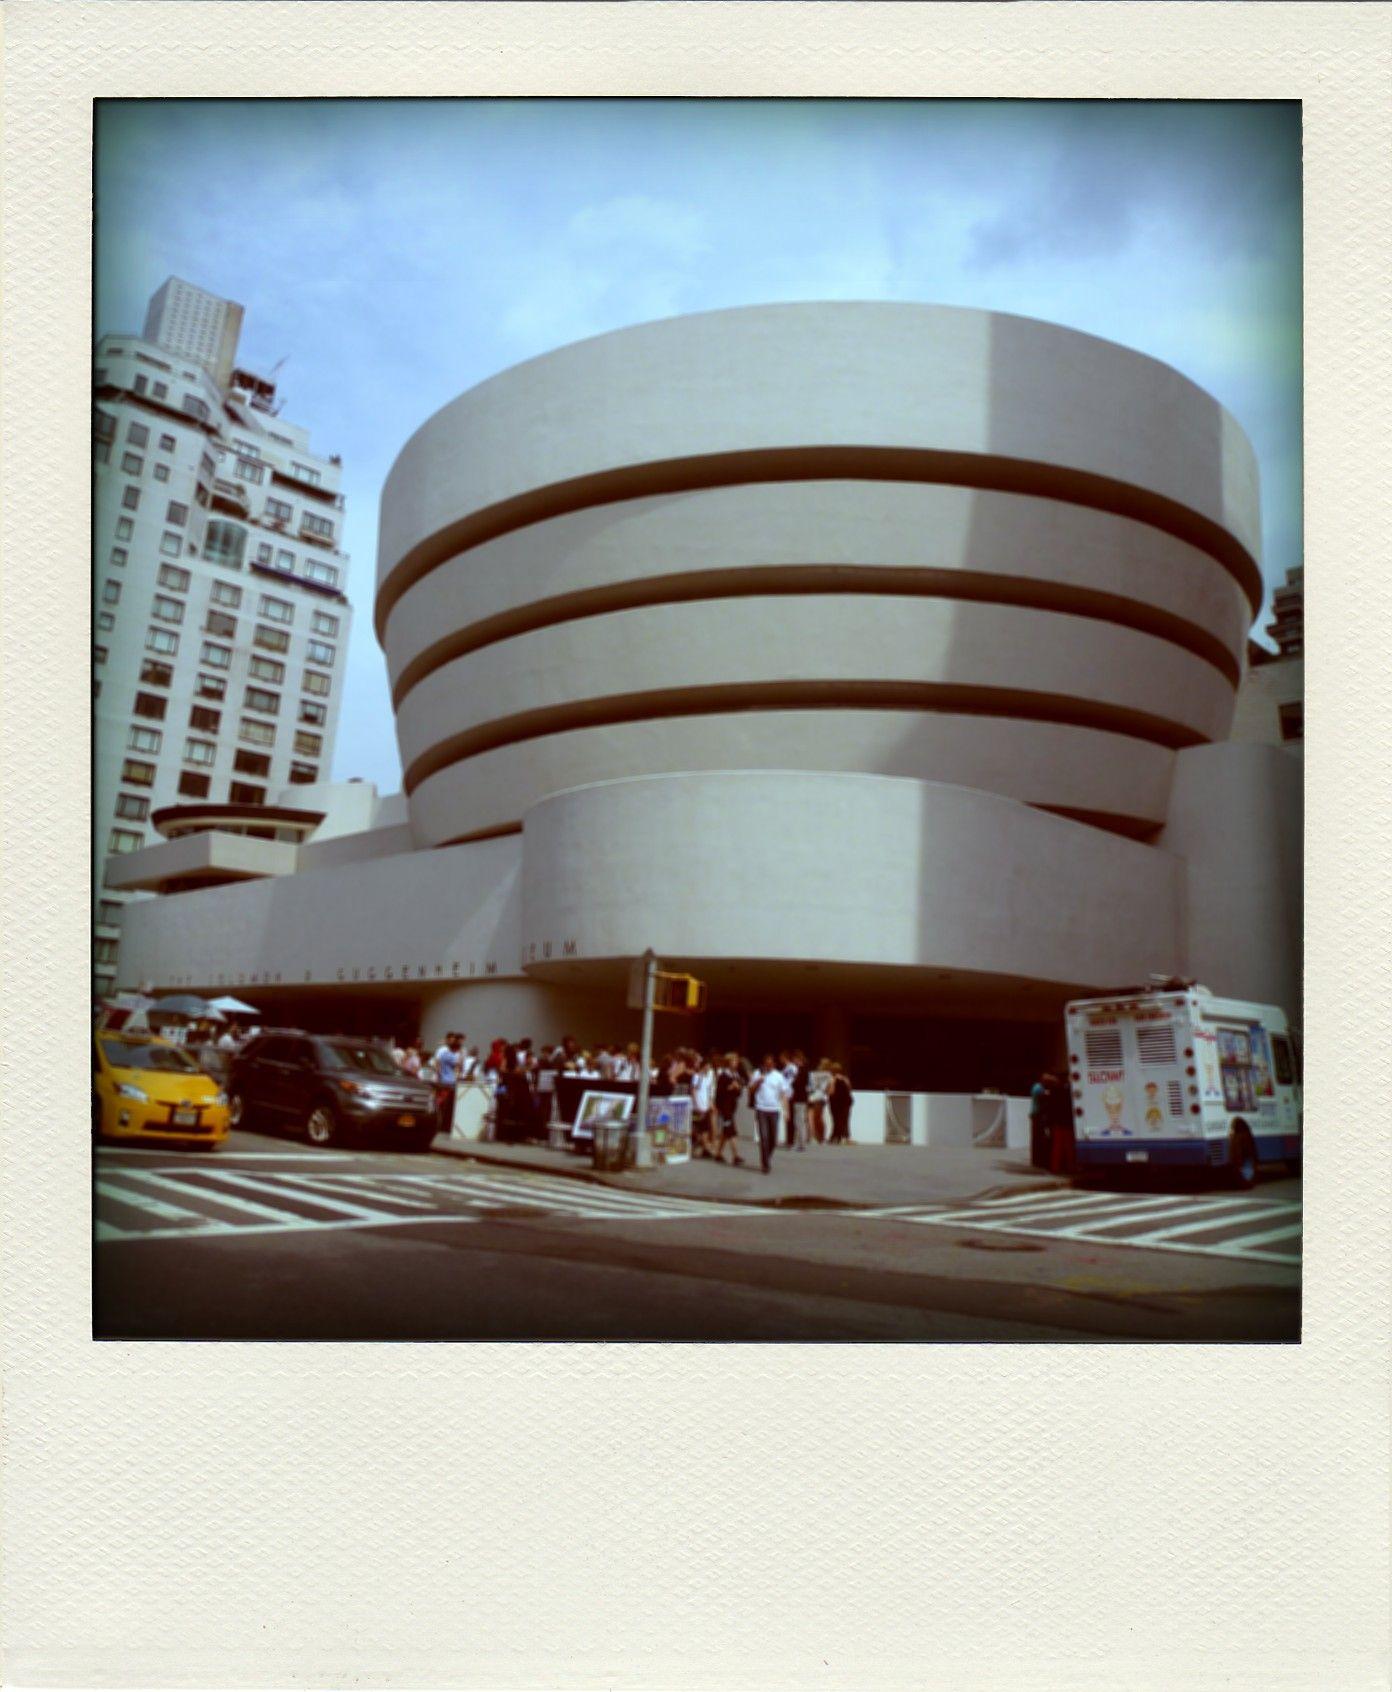 #Guggenheim Museum, NYC